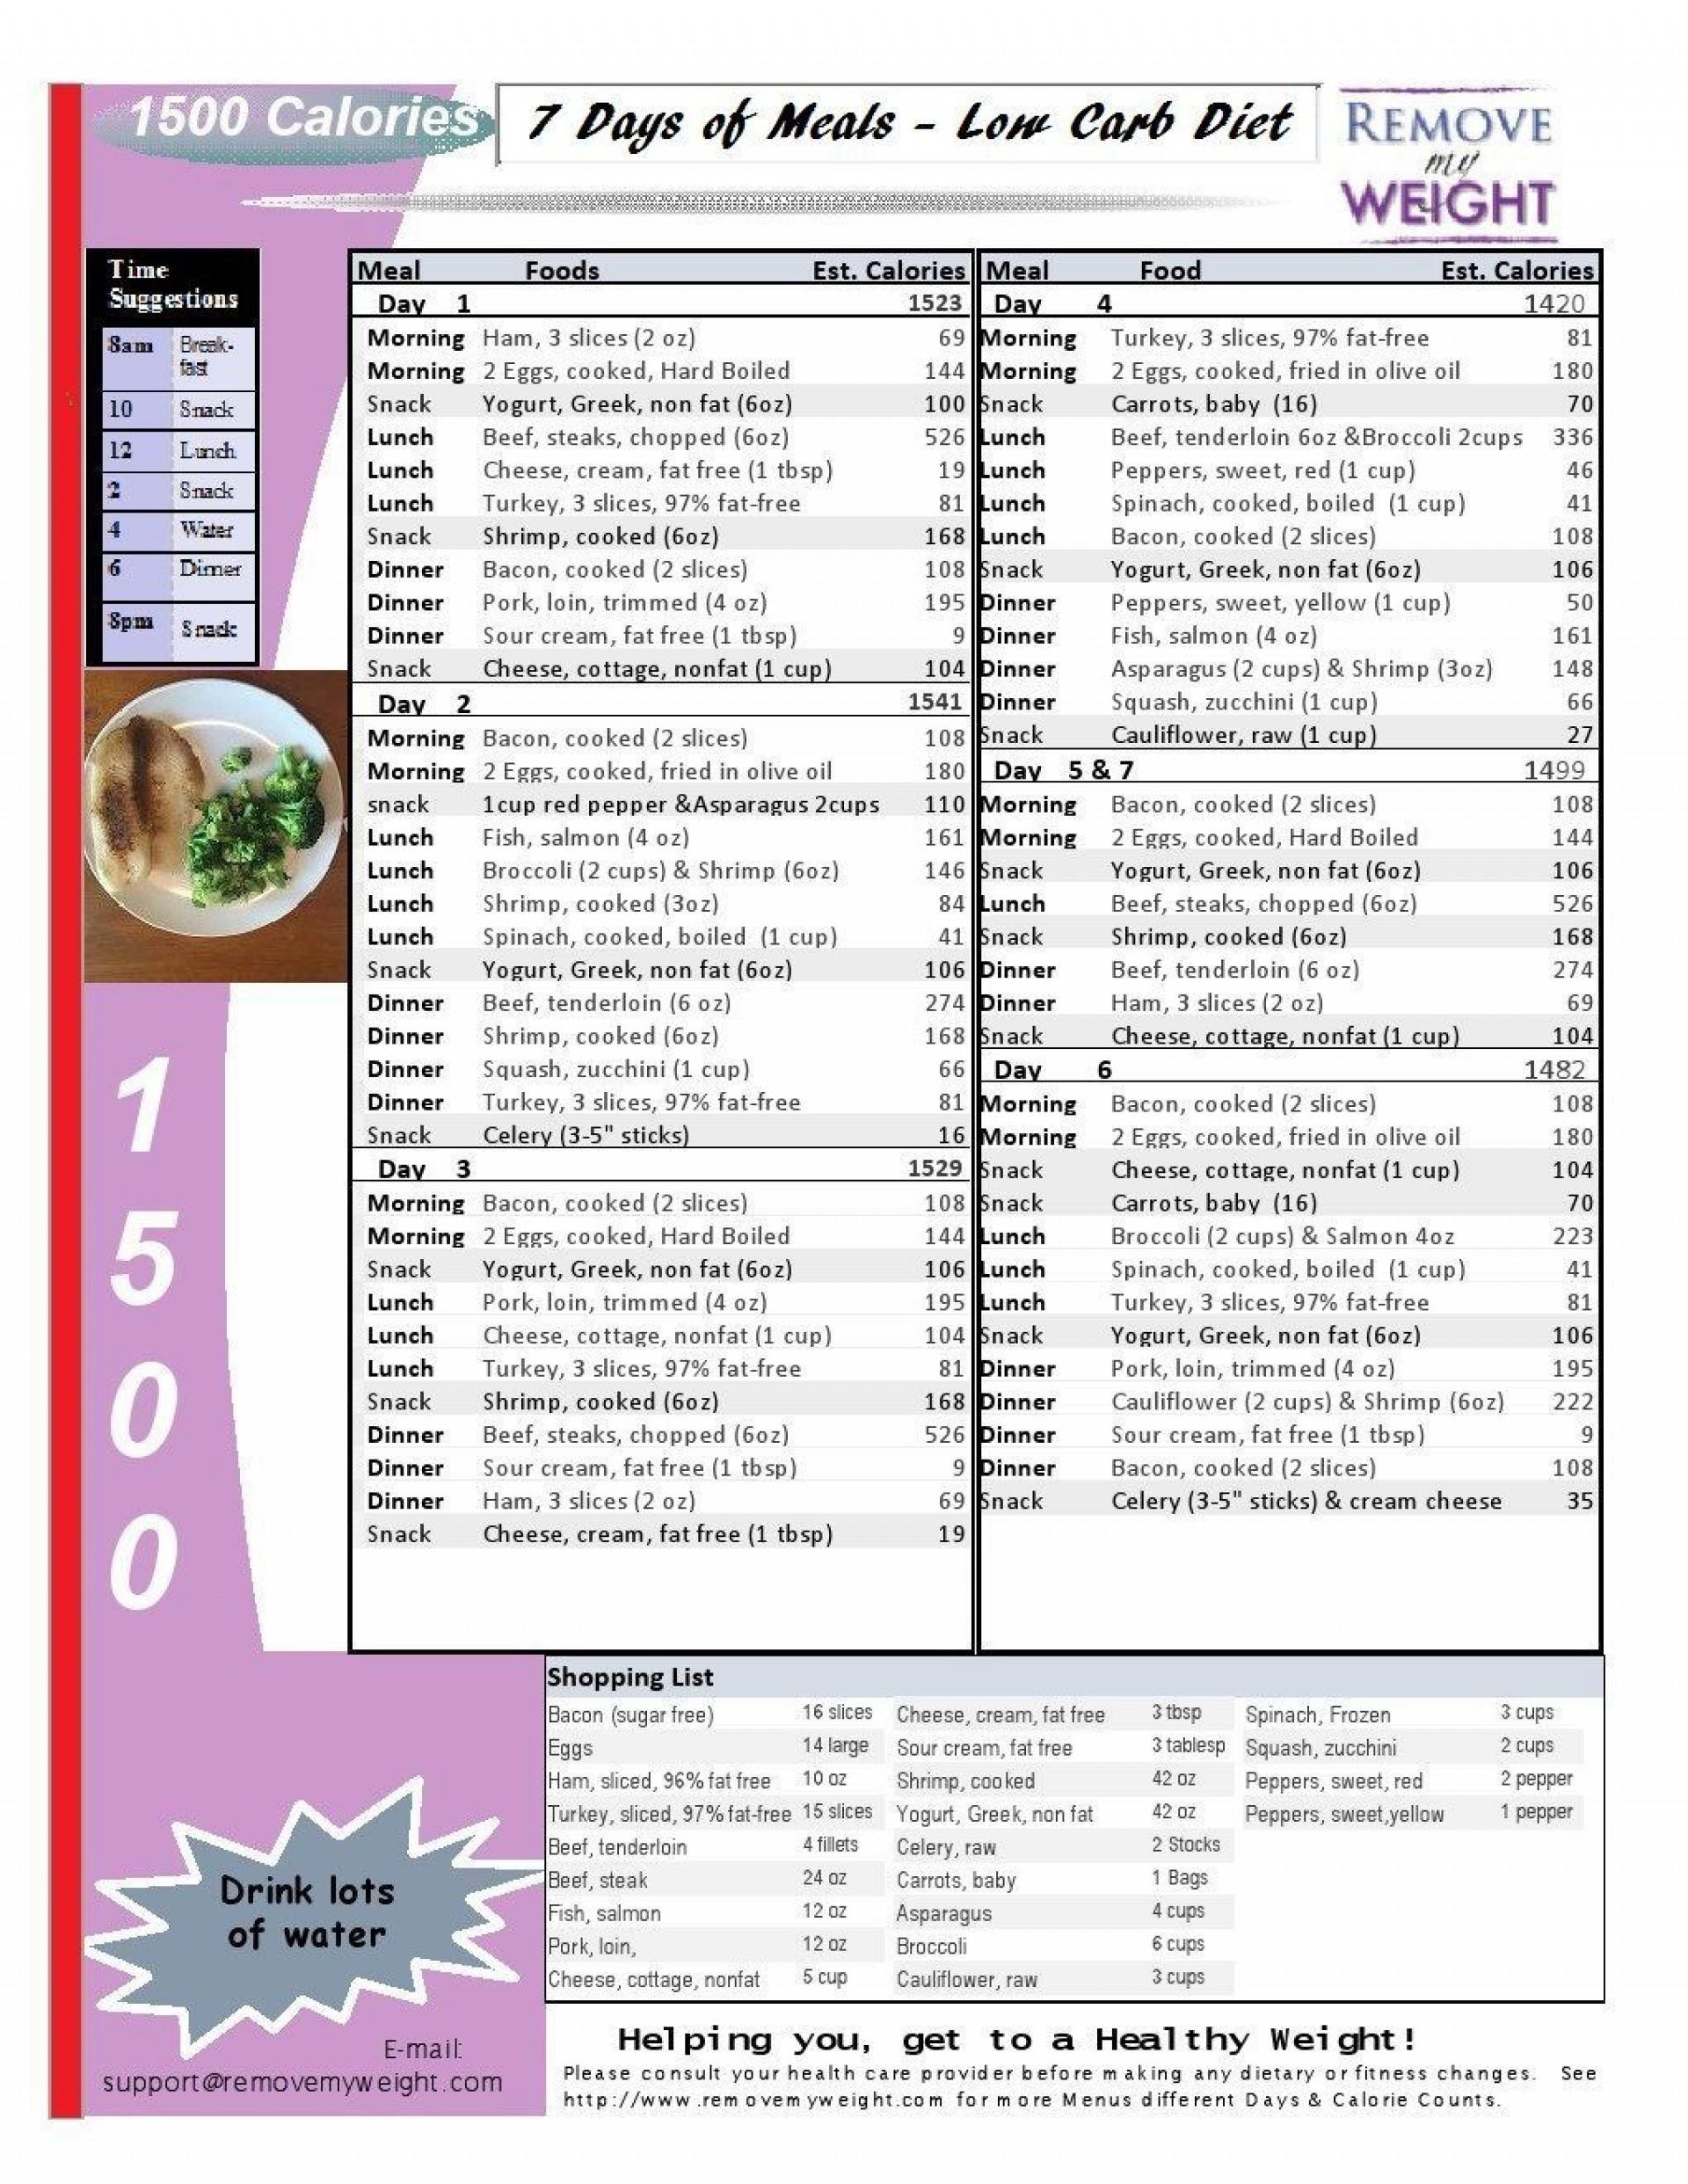 007 Stirring Sample 1500 Calorie Meal Plan Pdf Design 1920